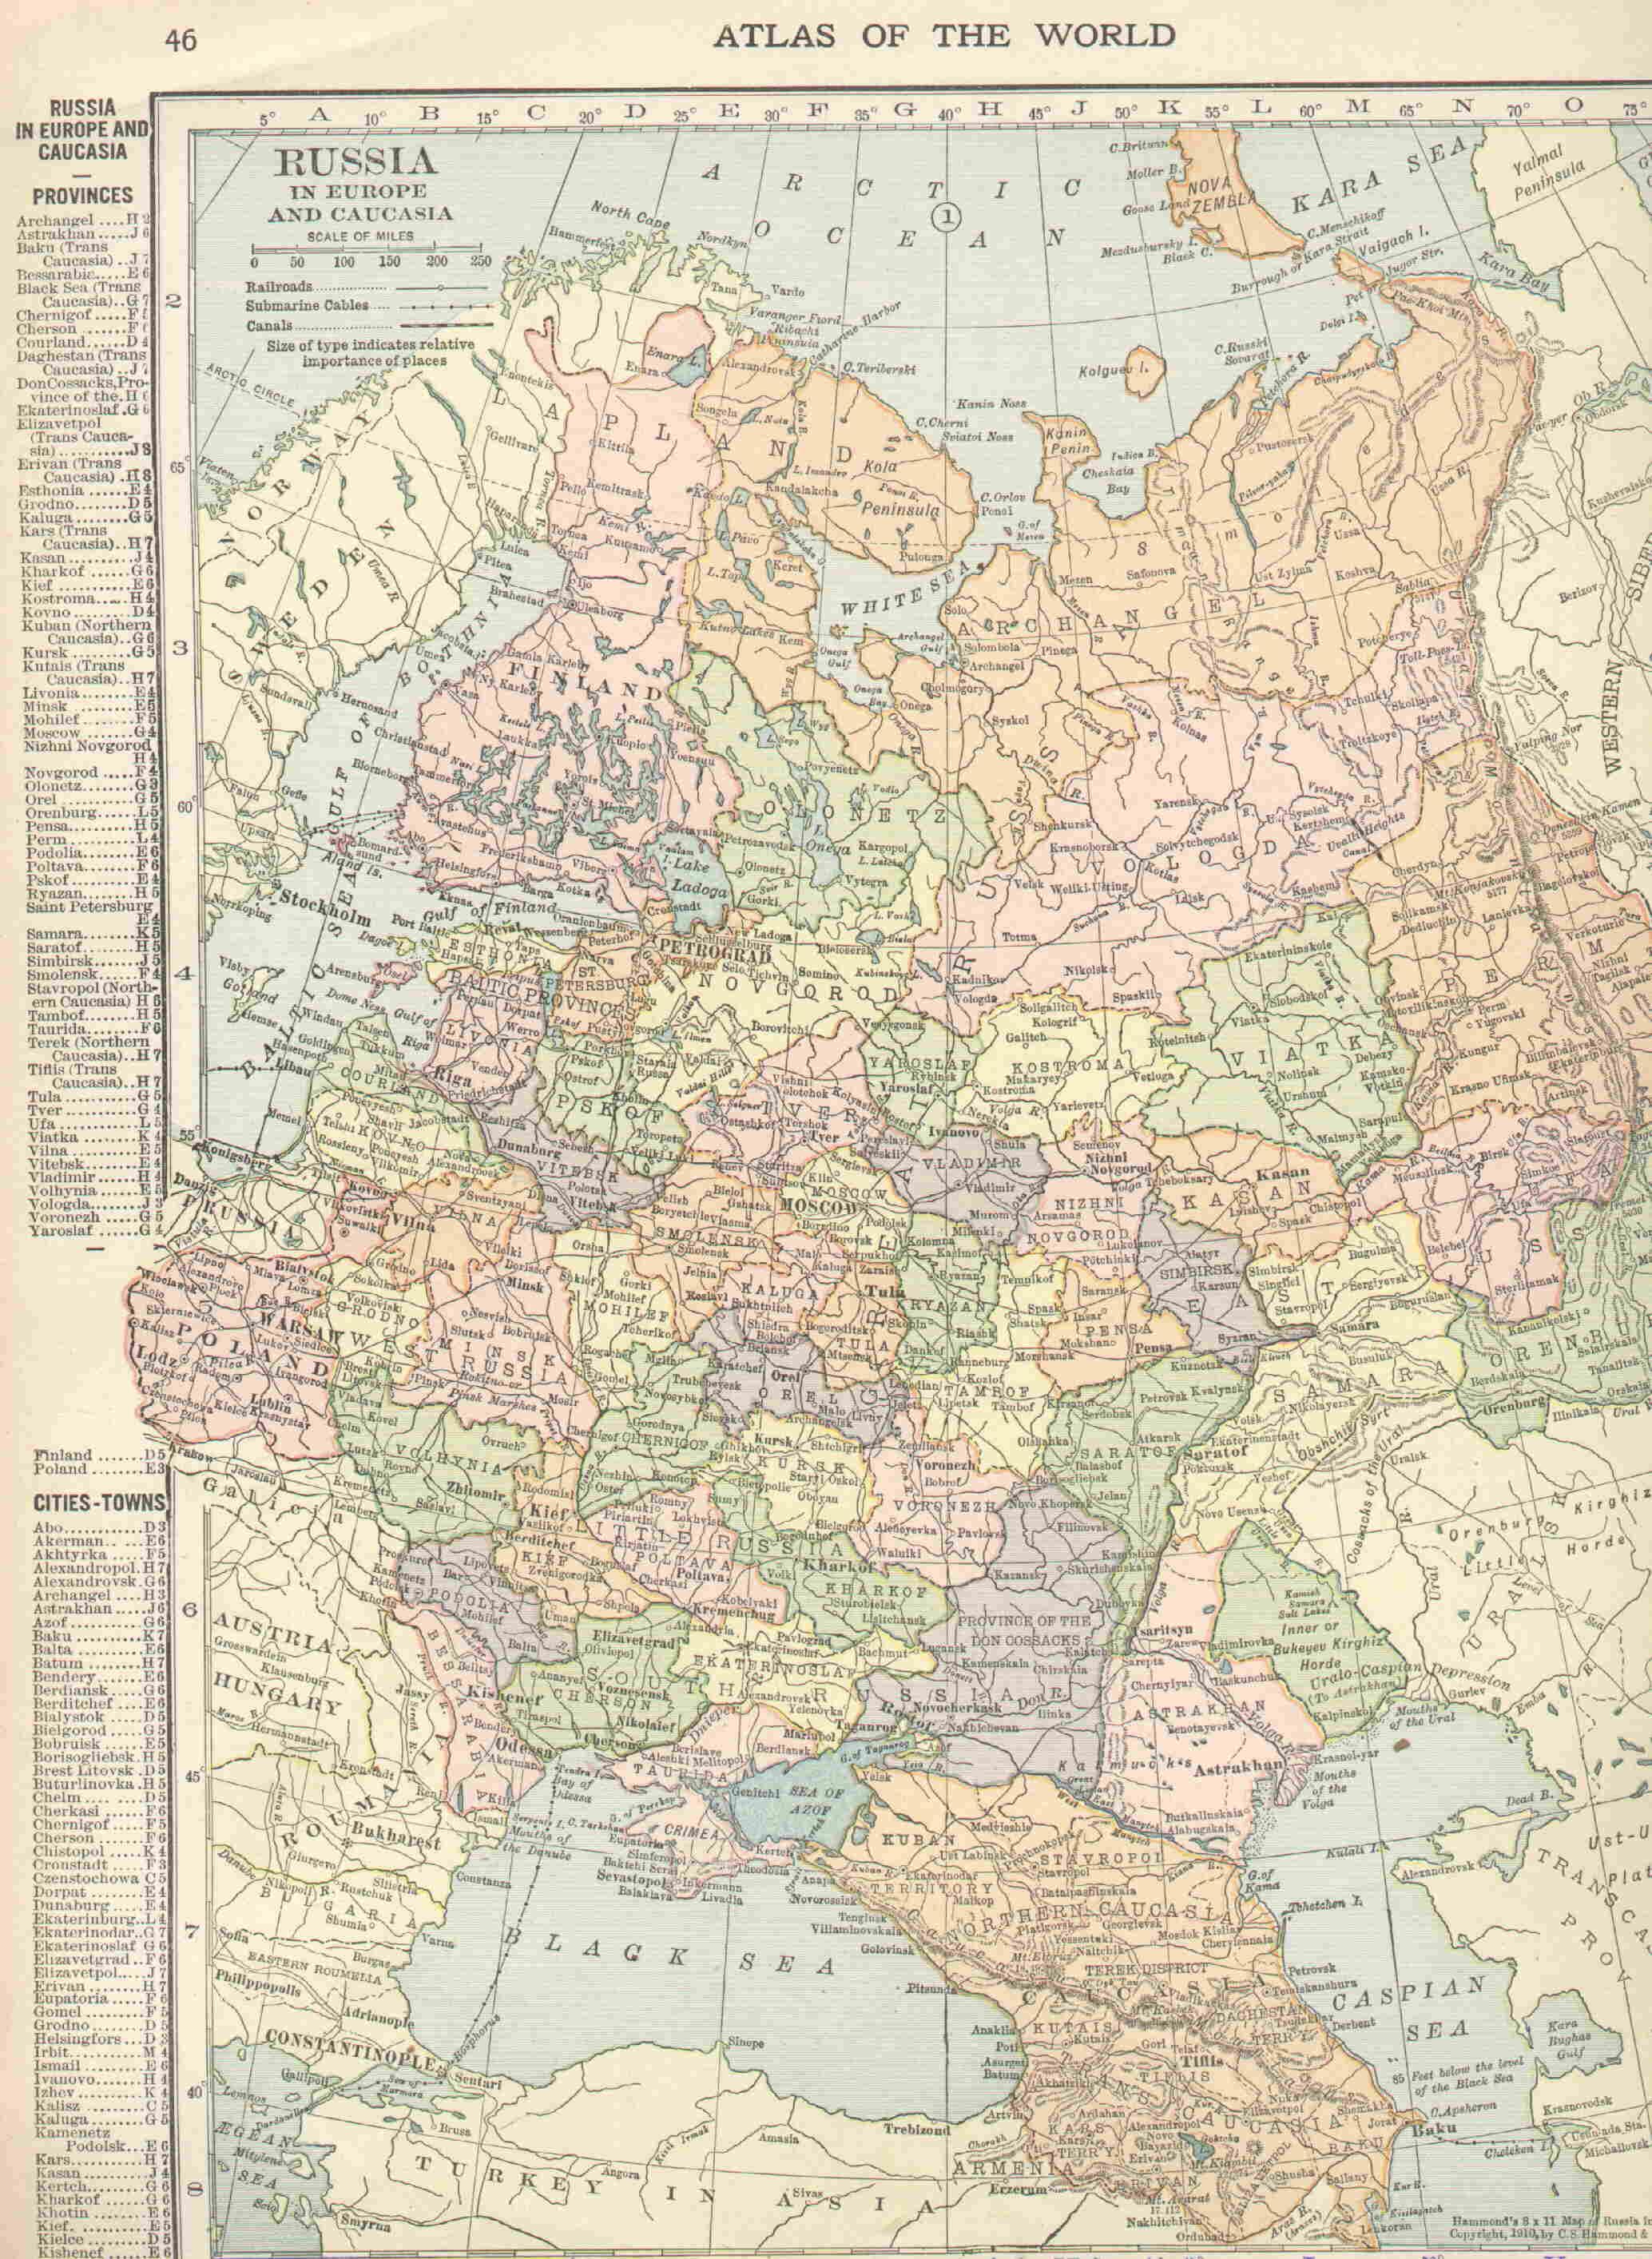 1834 Grodno Gubernia map